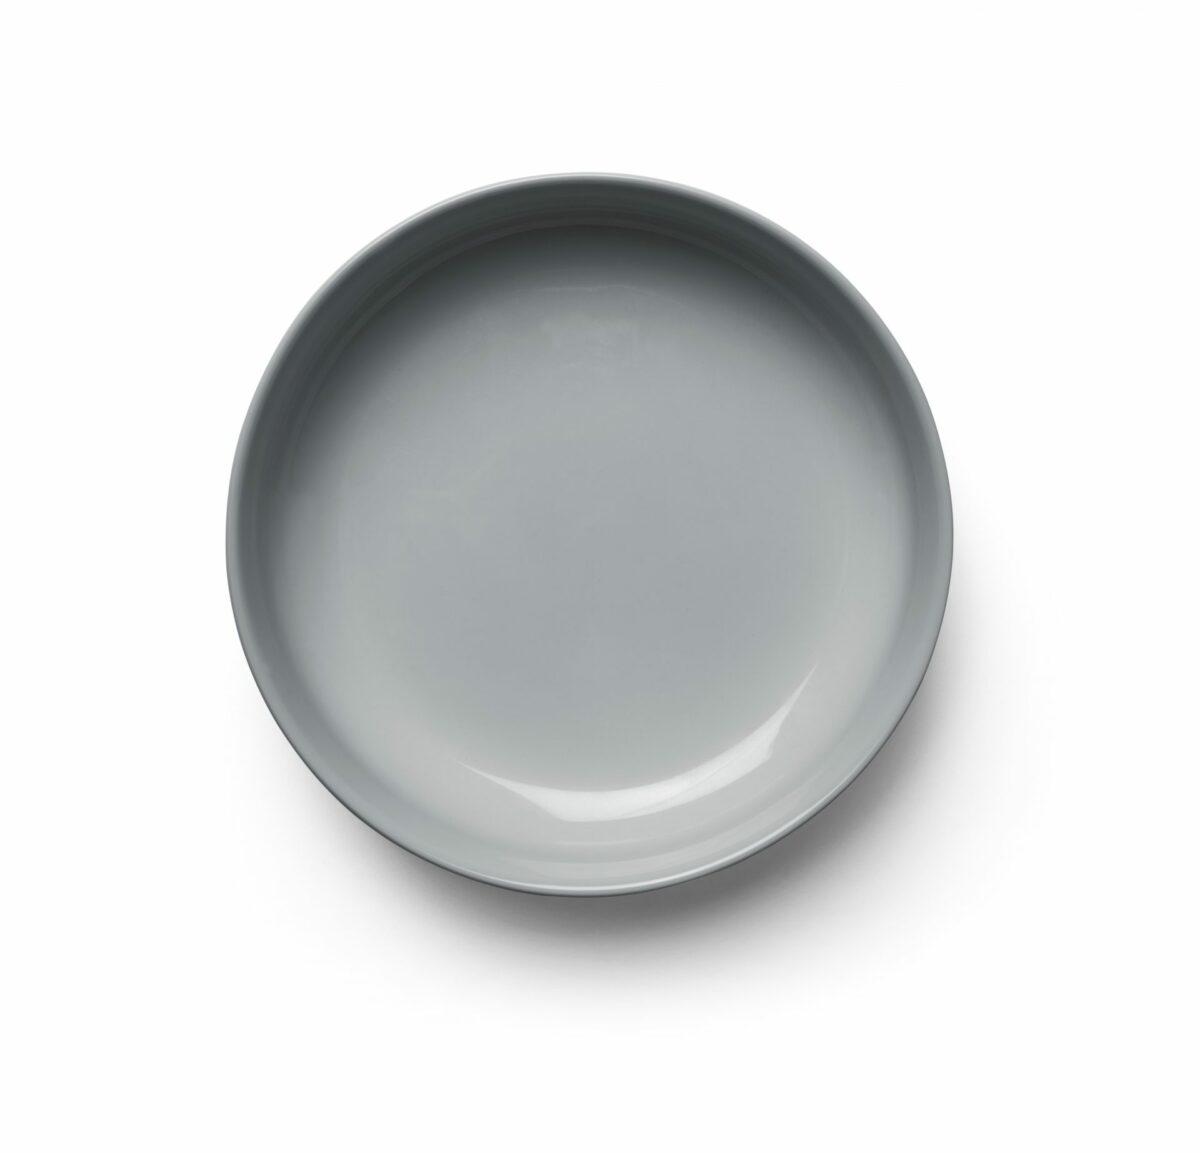 2031710 New Norm Bowl Low O135 cm Ocean Norm 02